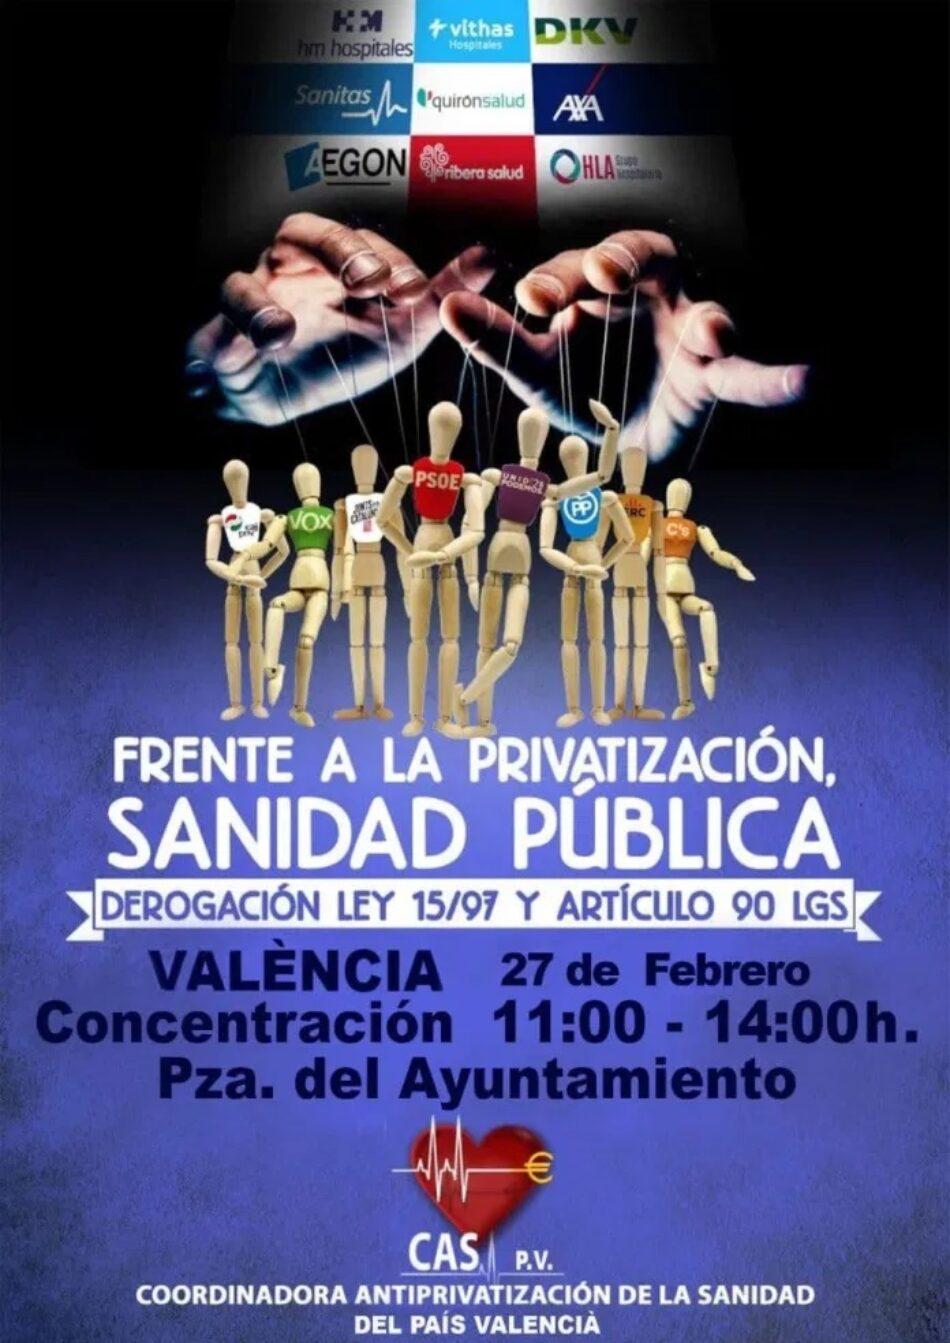 CGT apoya la convocatoria en defensa de la sanidad pública convocada por la CAS este sábado 27 de febrero